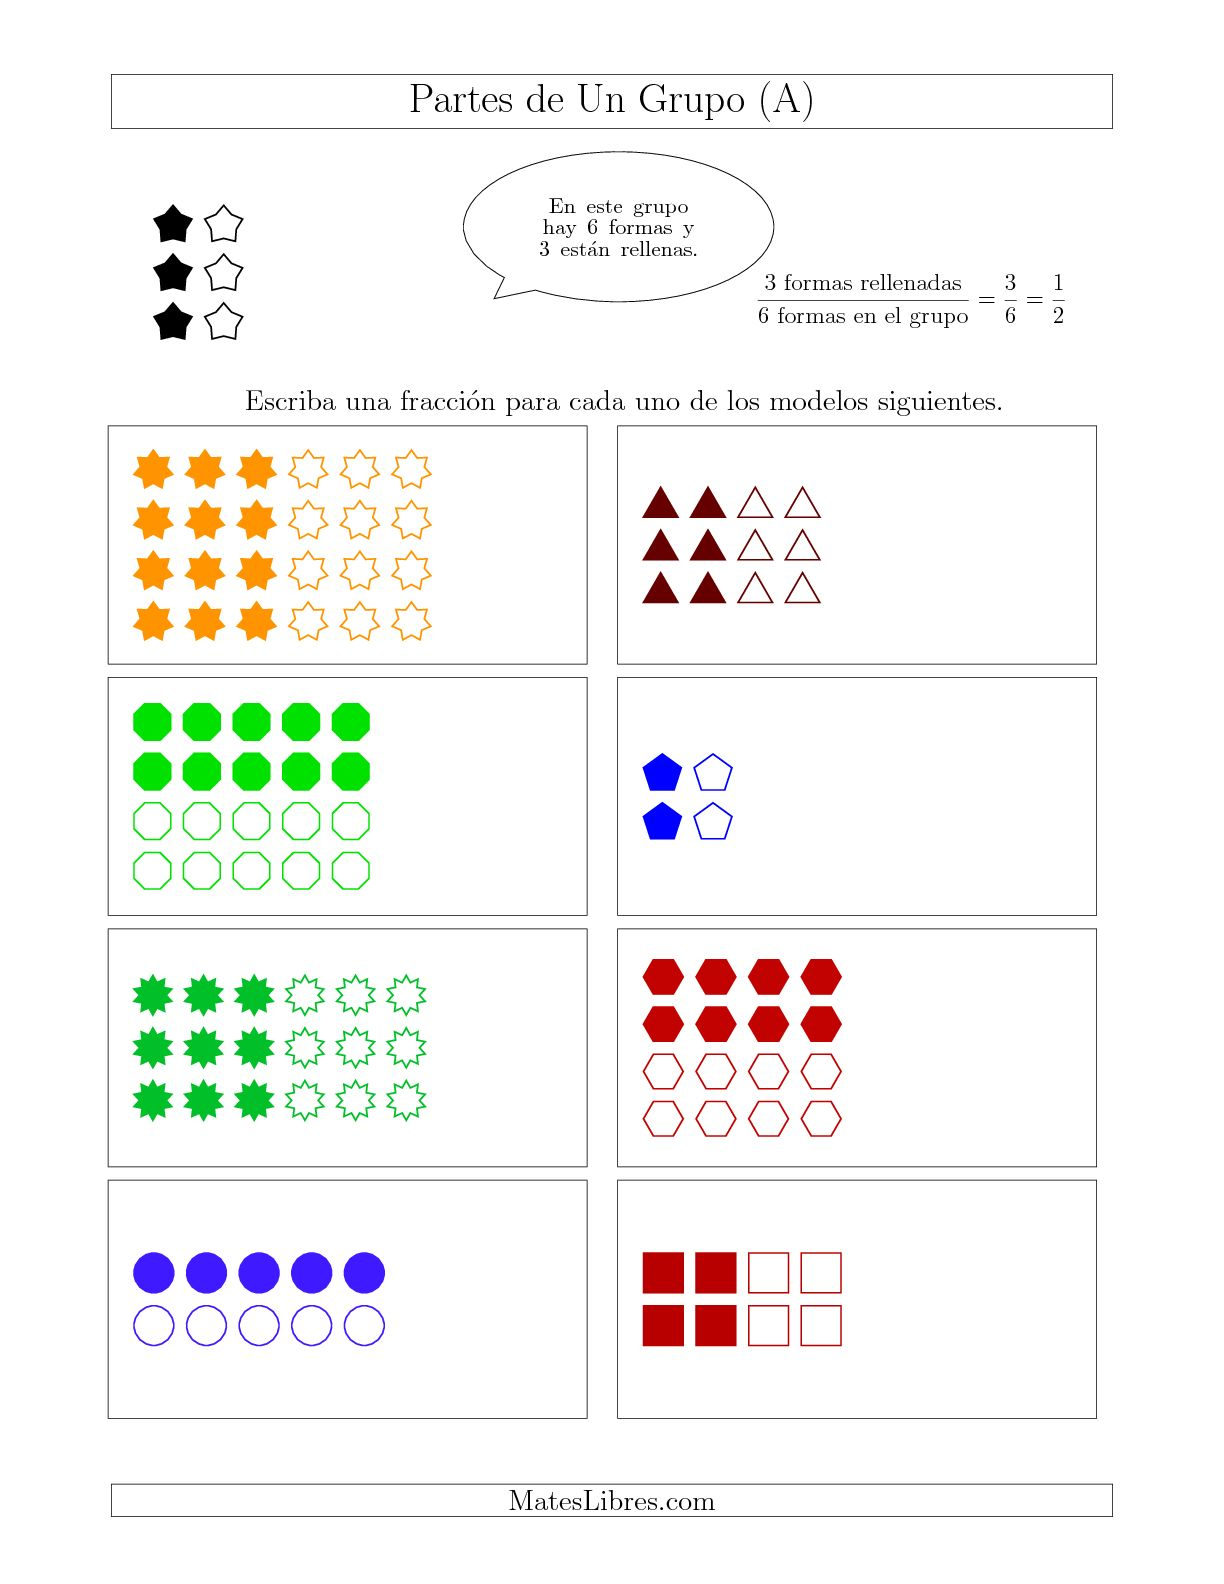 La Modelos de Fracciones de Un Grupo, hasta Mitades (A) Hoja de Ejercicio de Fracciones